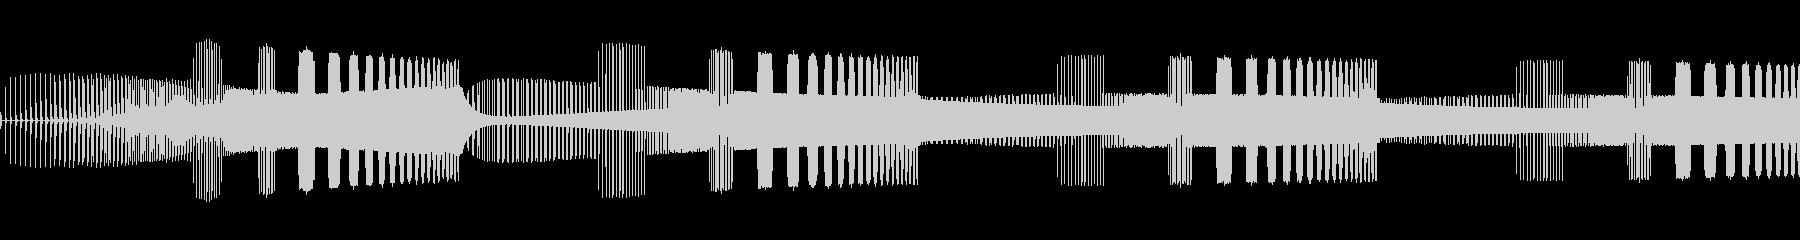 プープー(エラー/警告/アラーム/レトロの未再生の波形